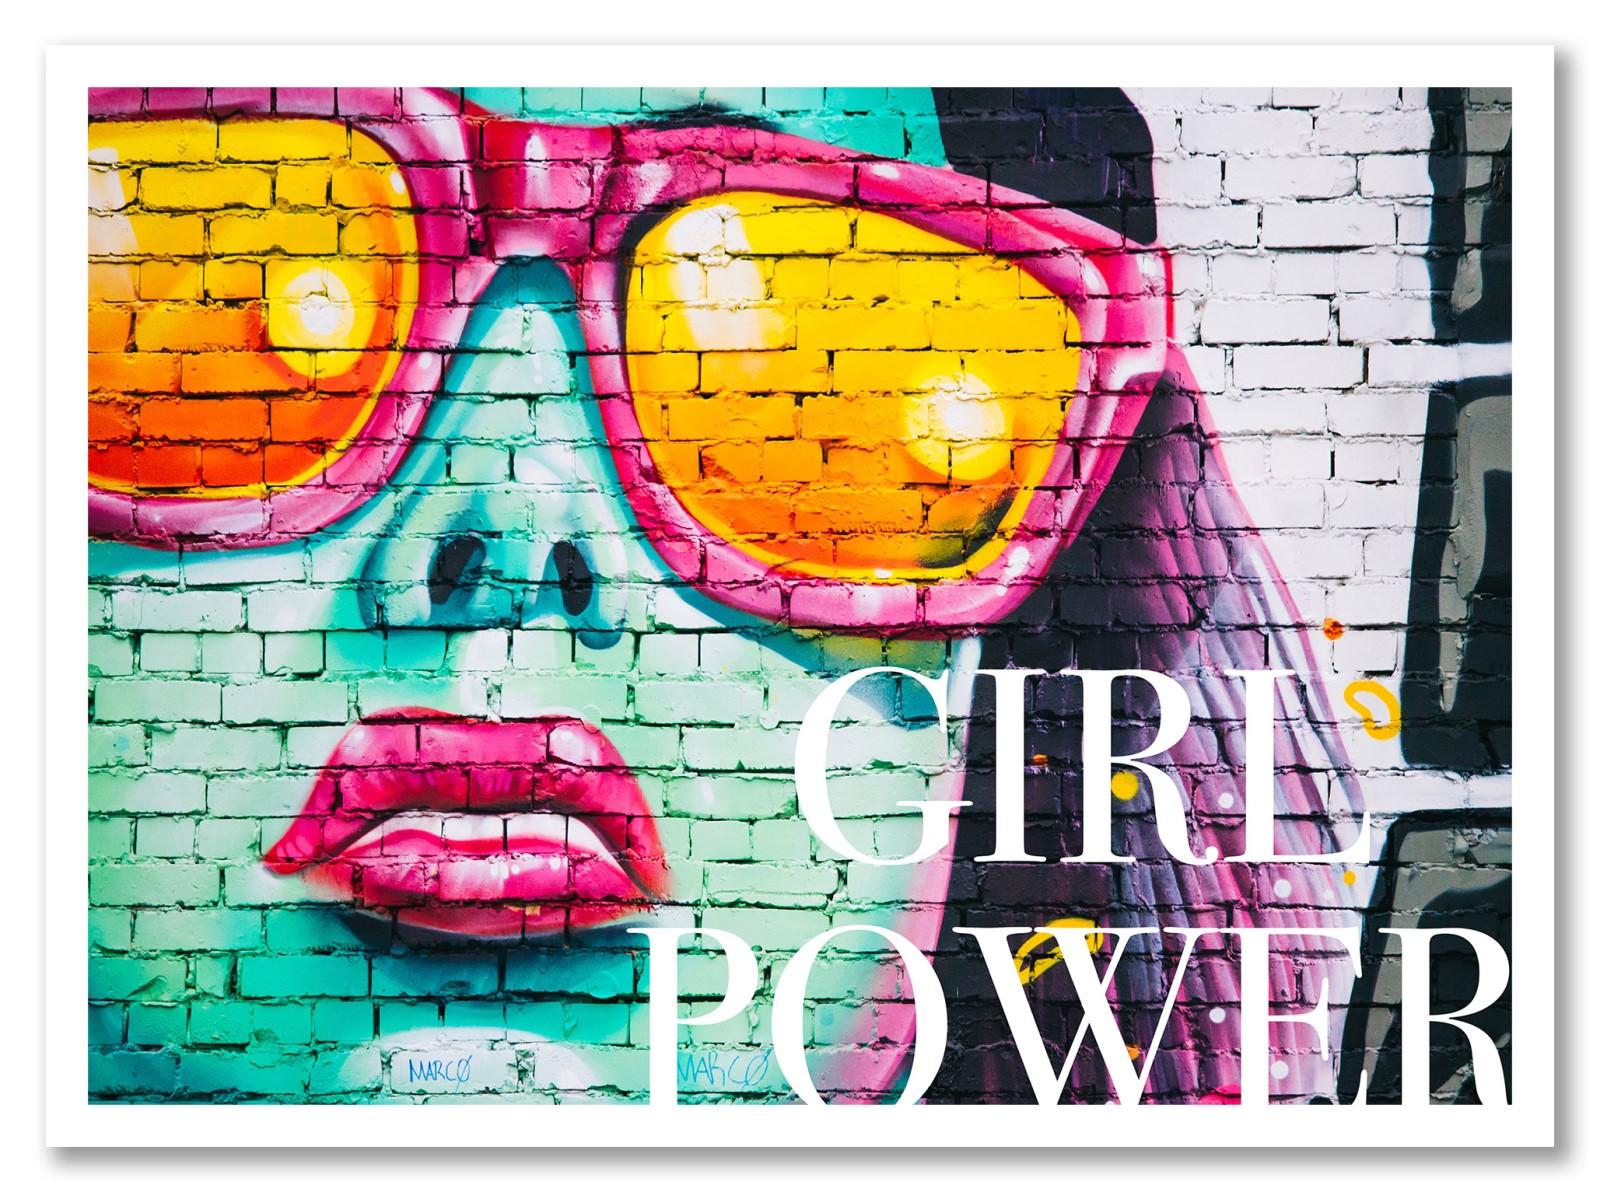 Street Art - Girl Power